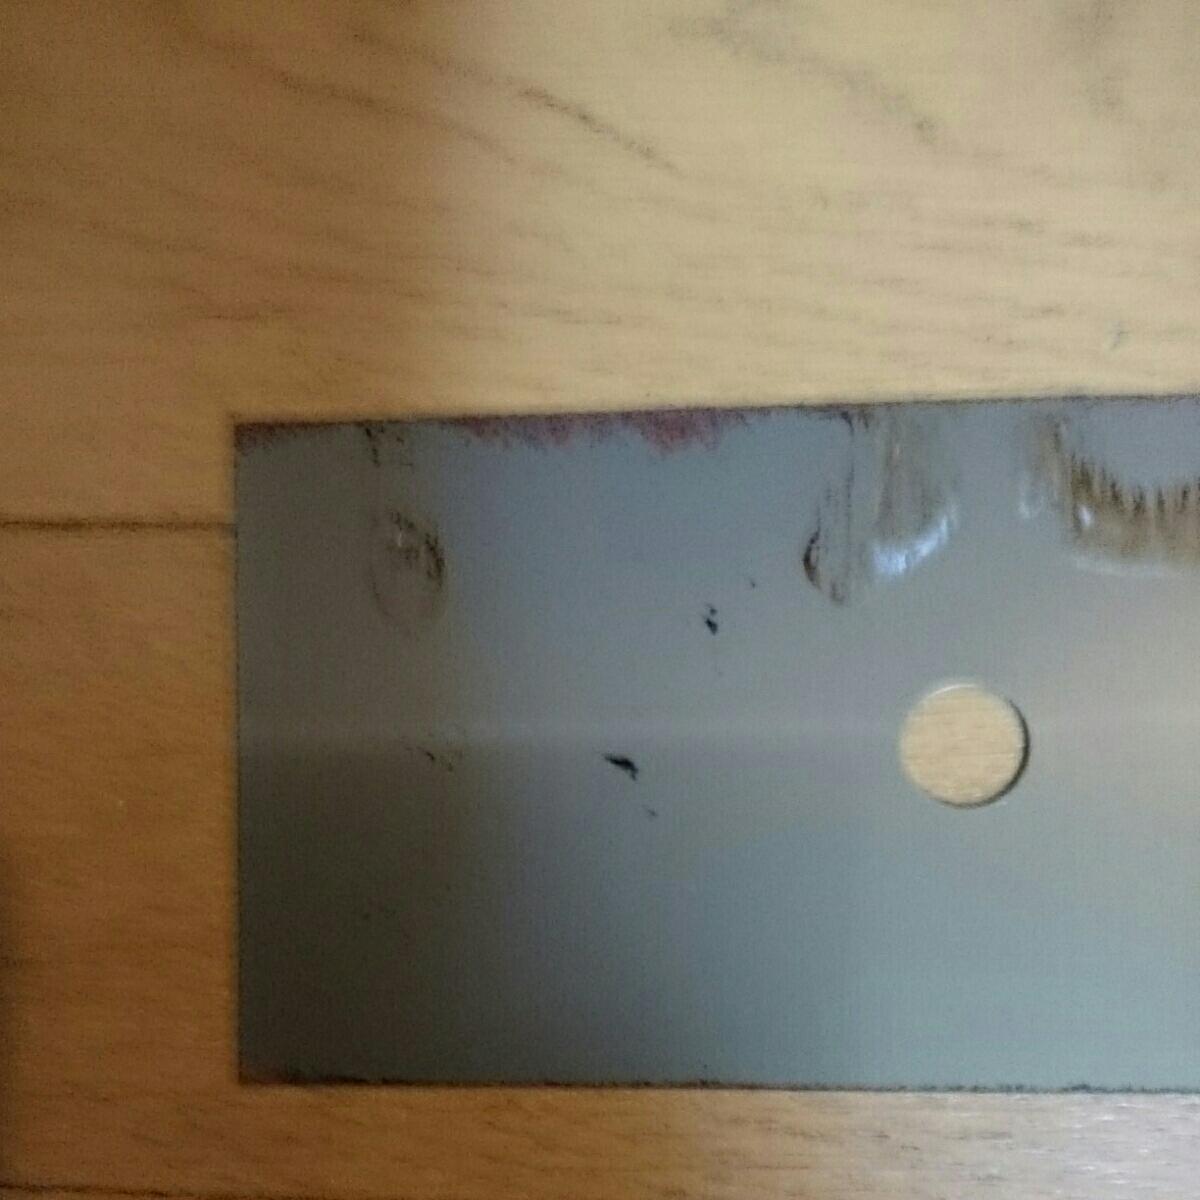 お値打ち鋼材 切板 平鋼 鋼板 鉄板 フラットバー 鉄 補強材 ストッパー 穴明き 薄板t0.5㎜ 長さ約235×75㎜ 新品 作業台 DlY等々に_画像5